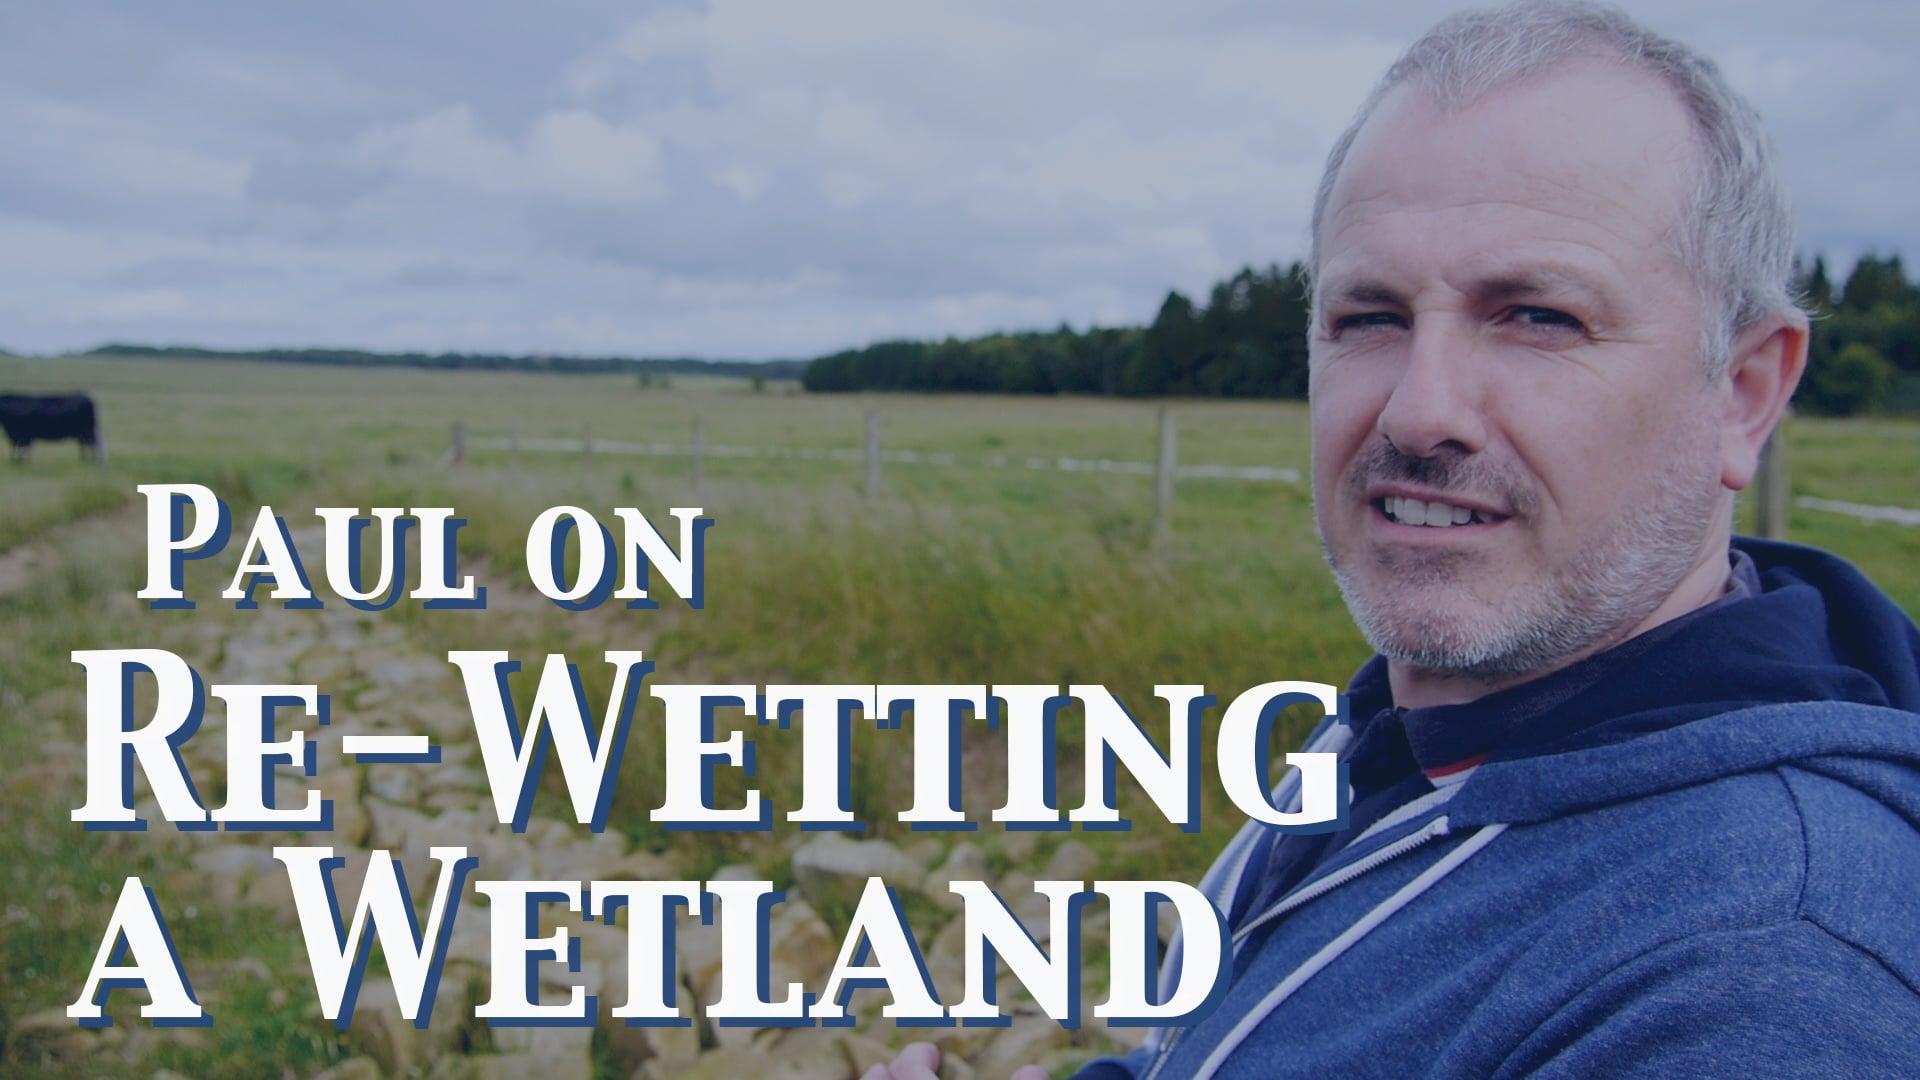 Paul on Wetlands